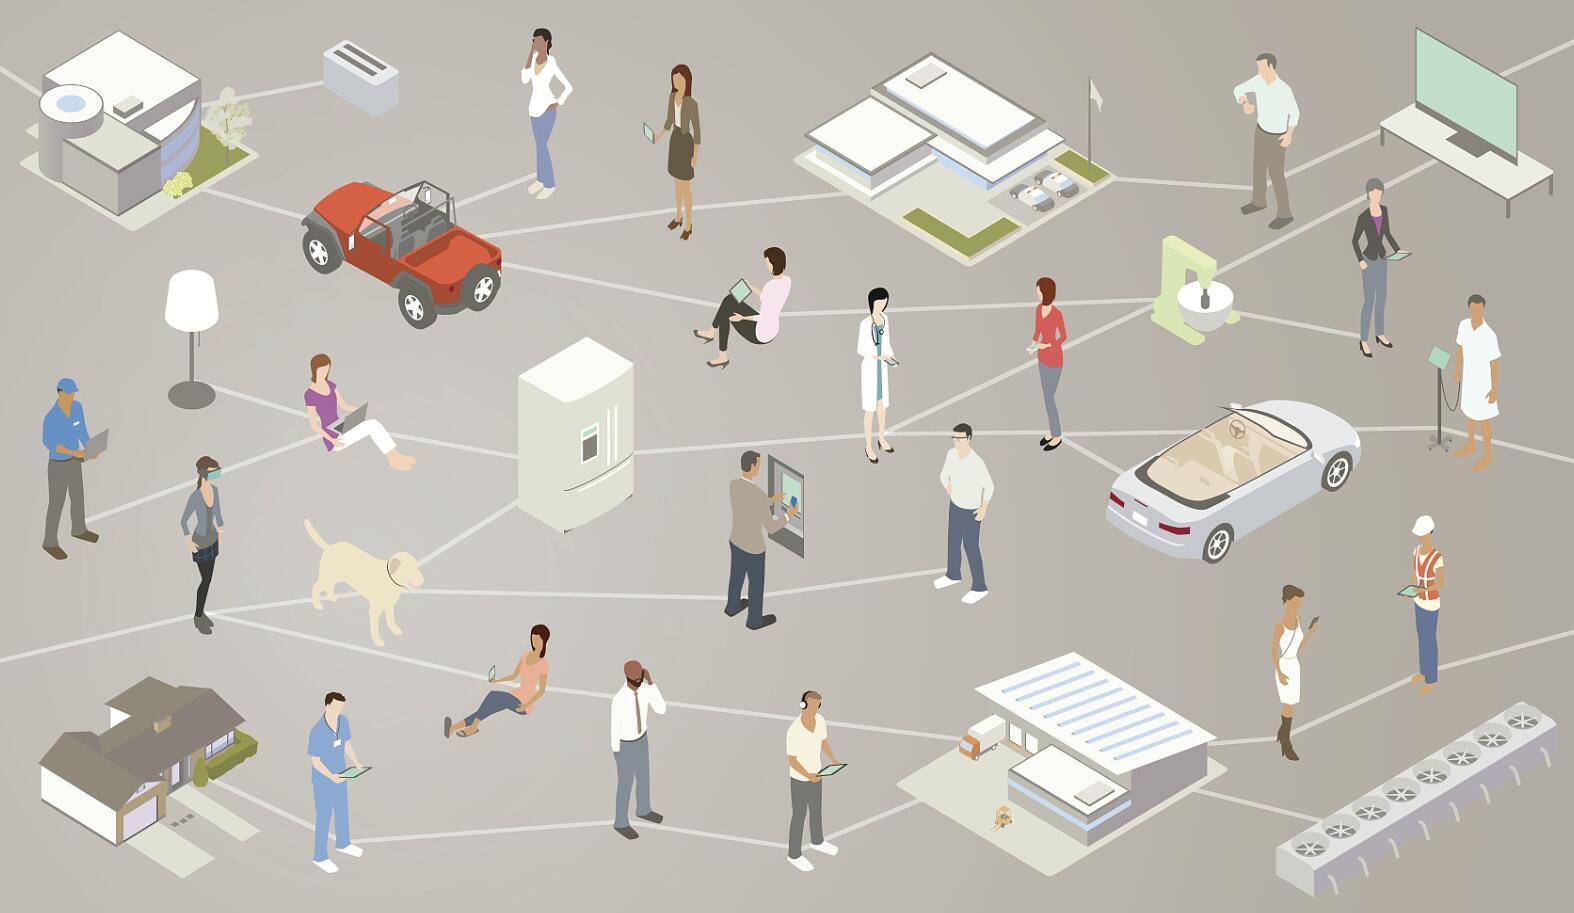 智慧城市技术:5G、边缘计算和公民参与